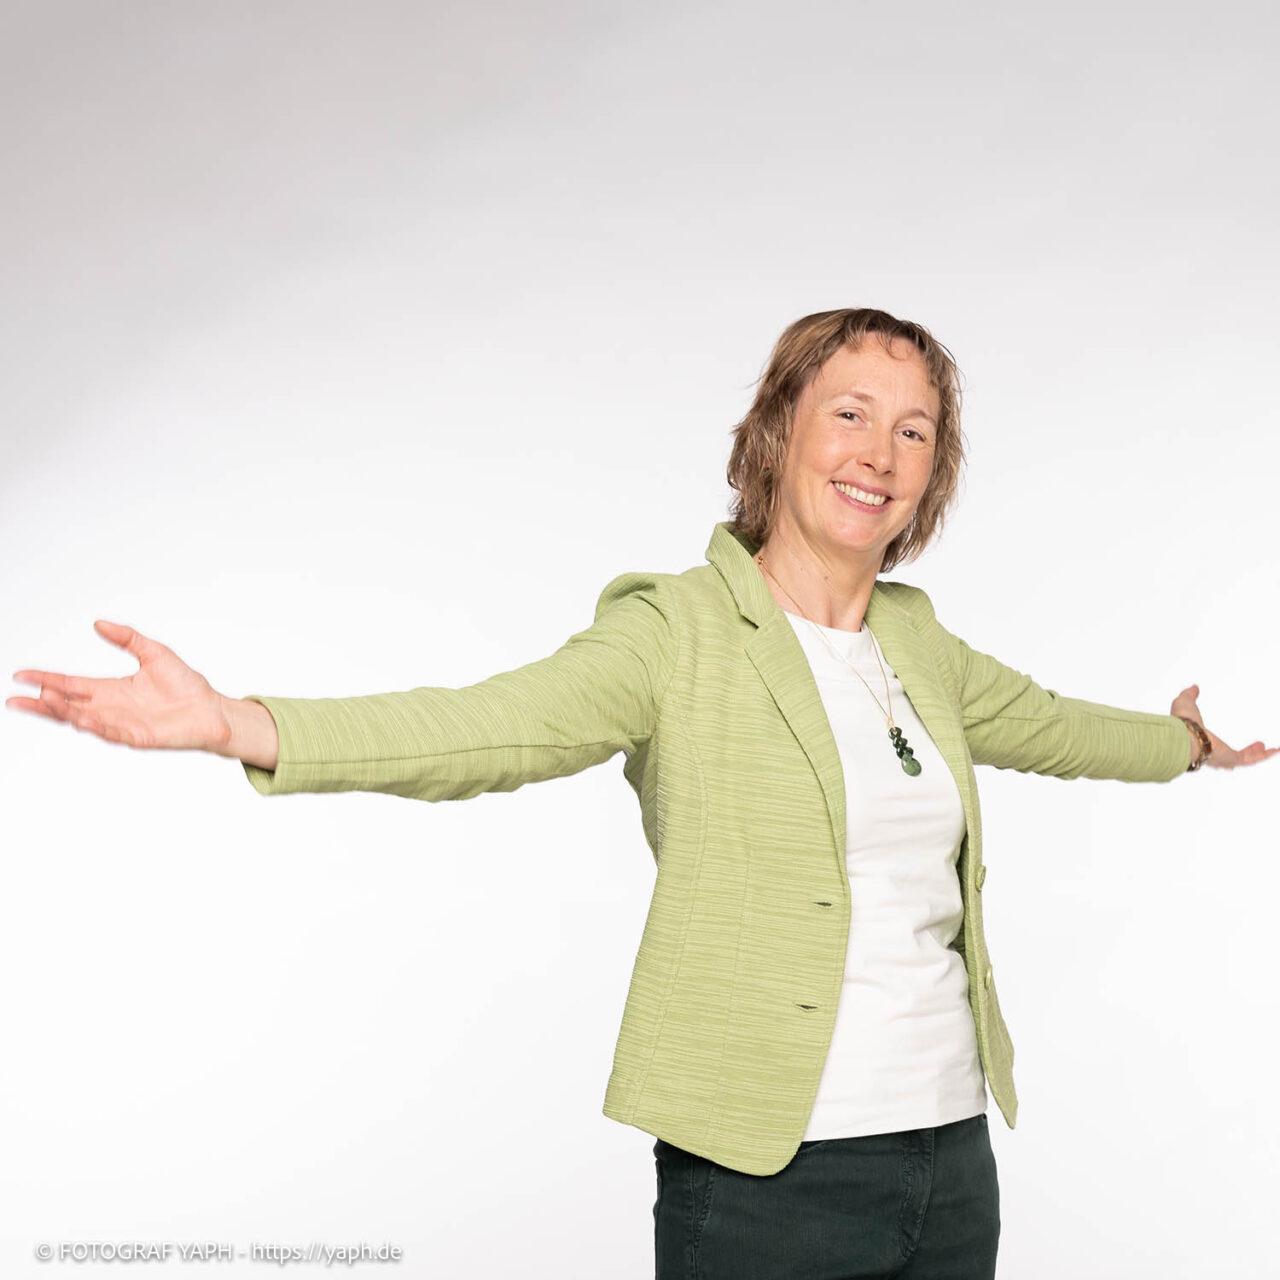 Katja - Bewerbungsfotos Trier und Business Portraits in Fotostudio von Fotograf Yaph